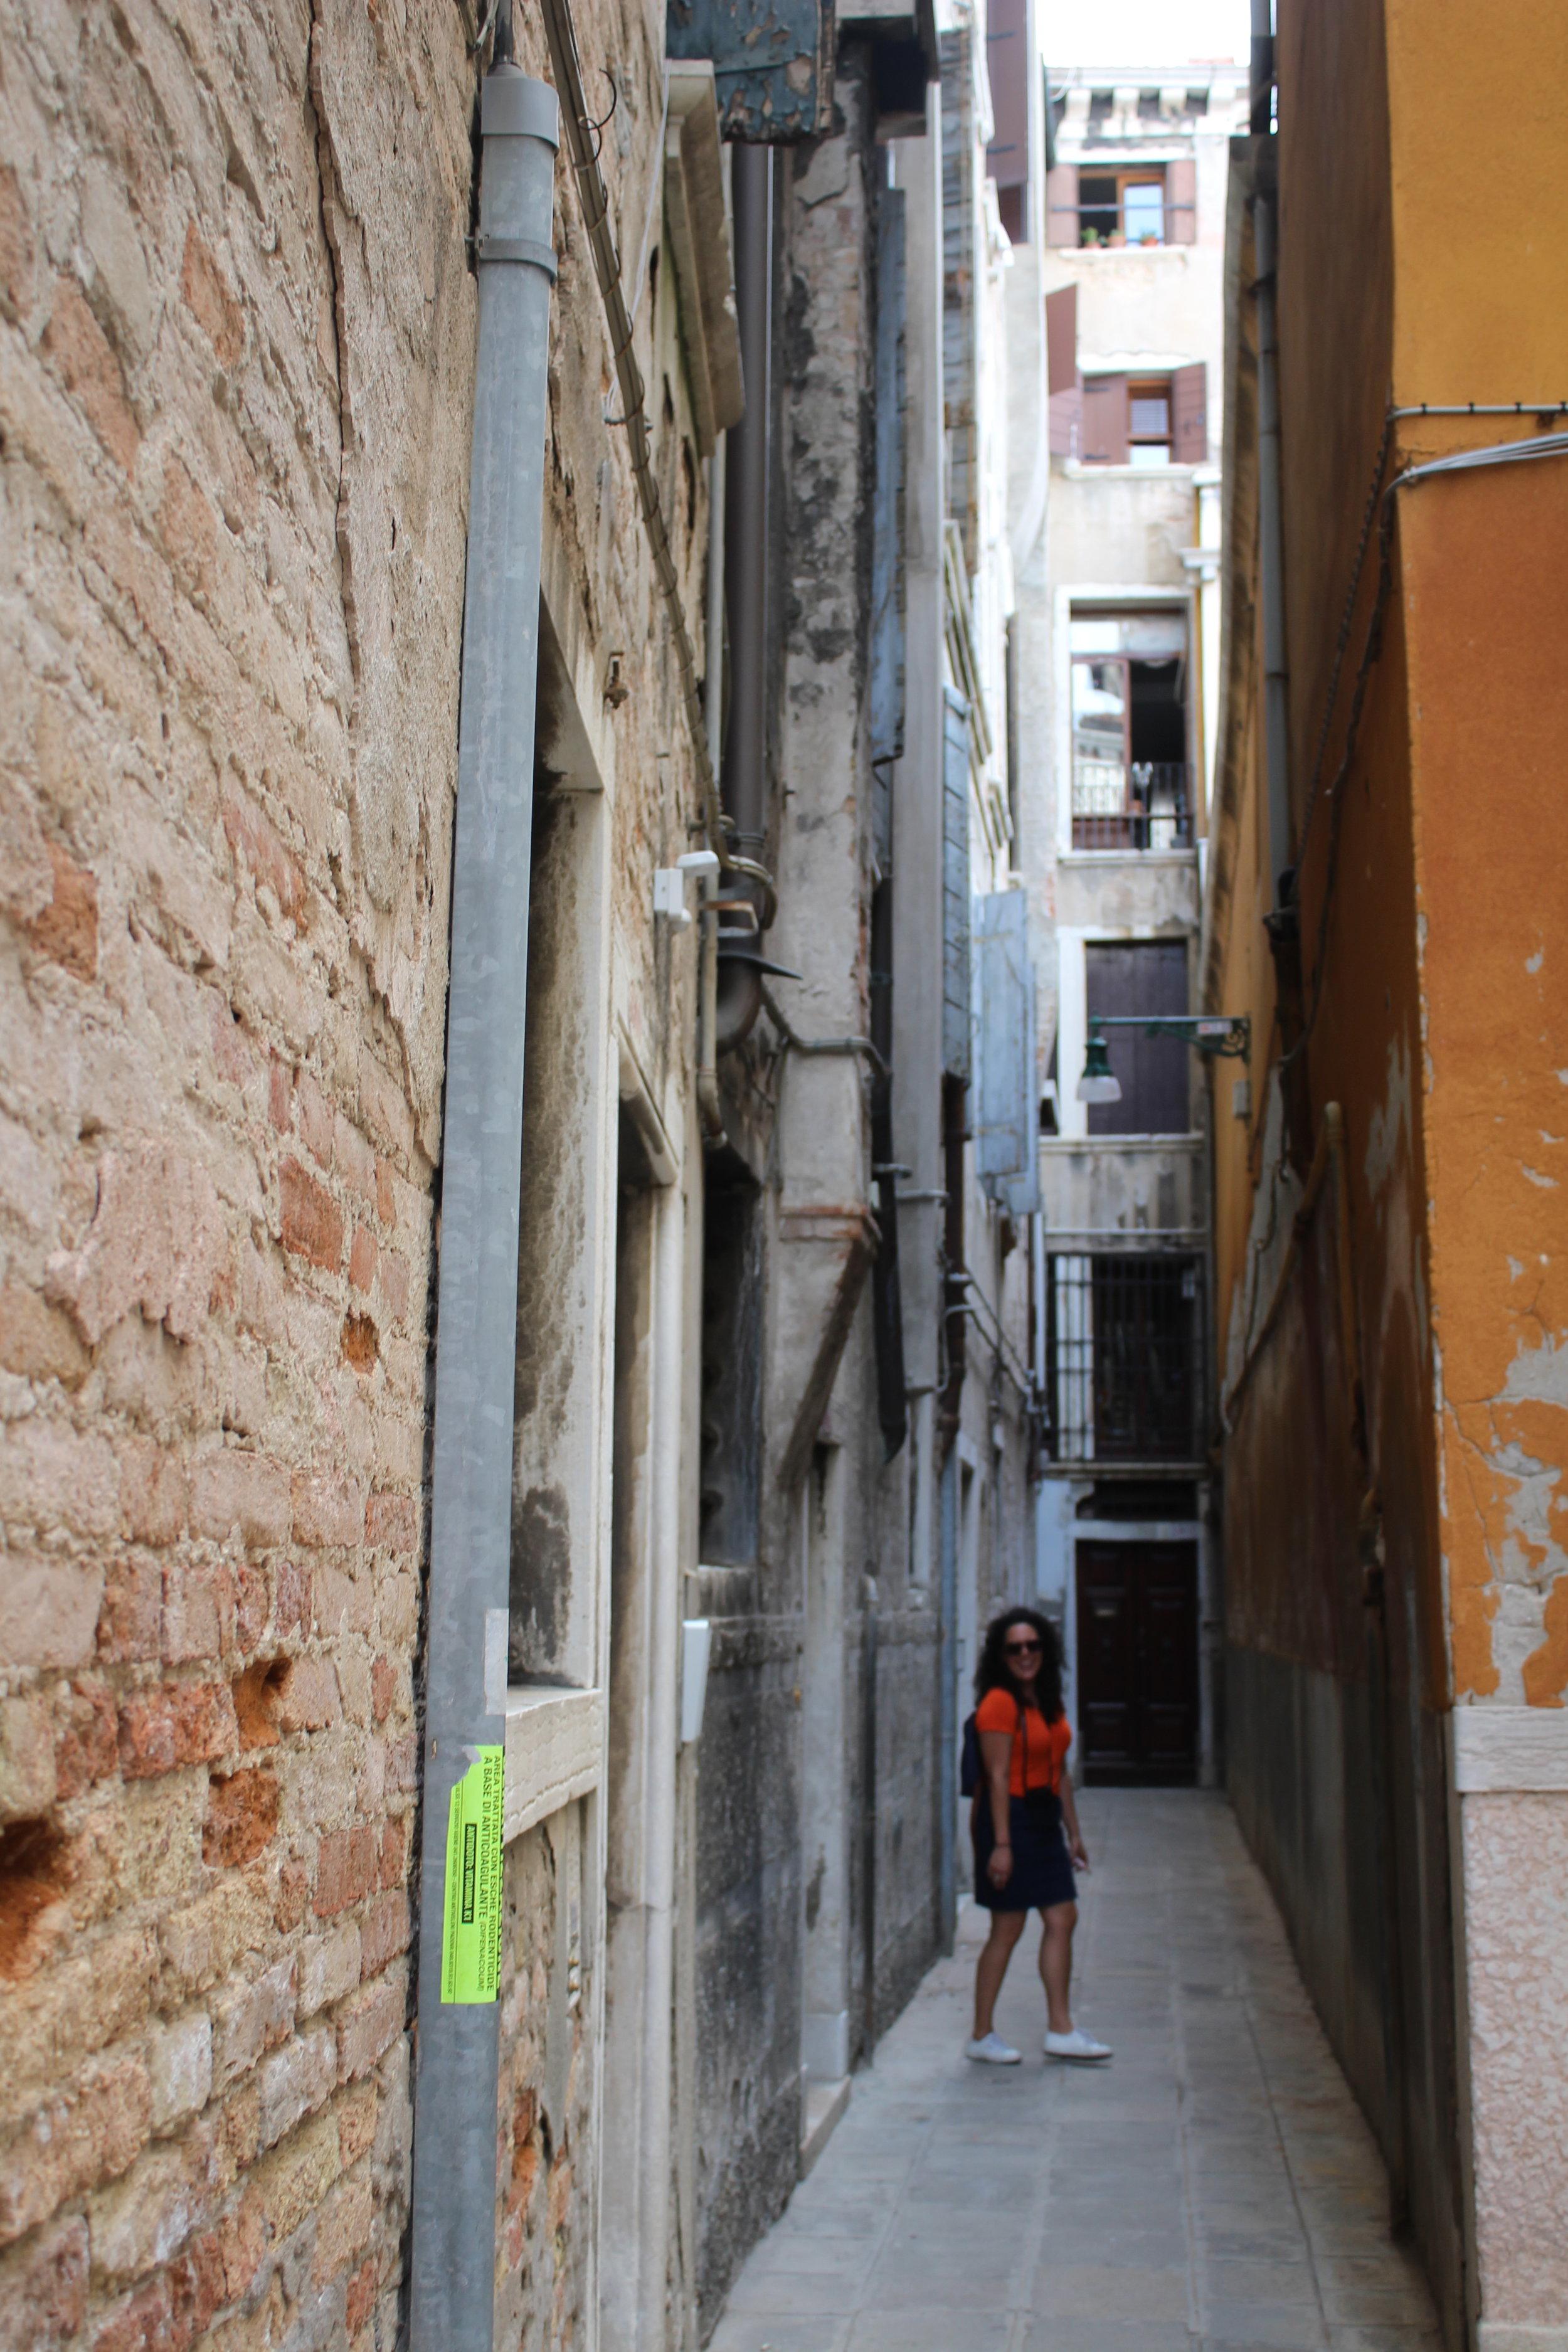 Getting lost in Venice and lovin' it